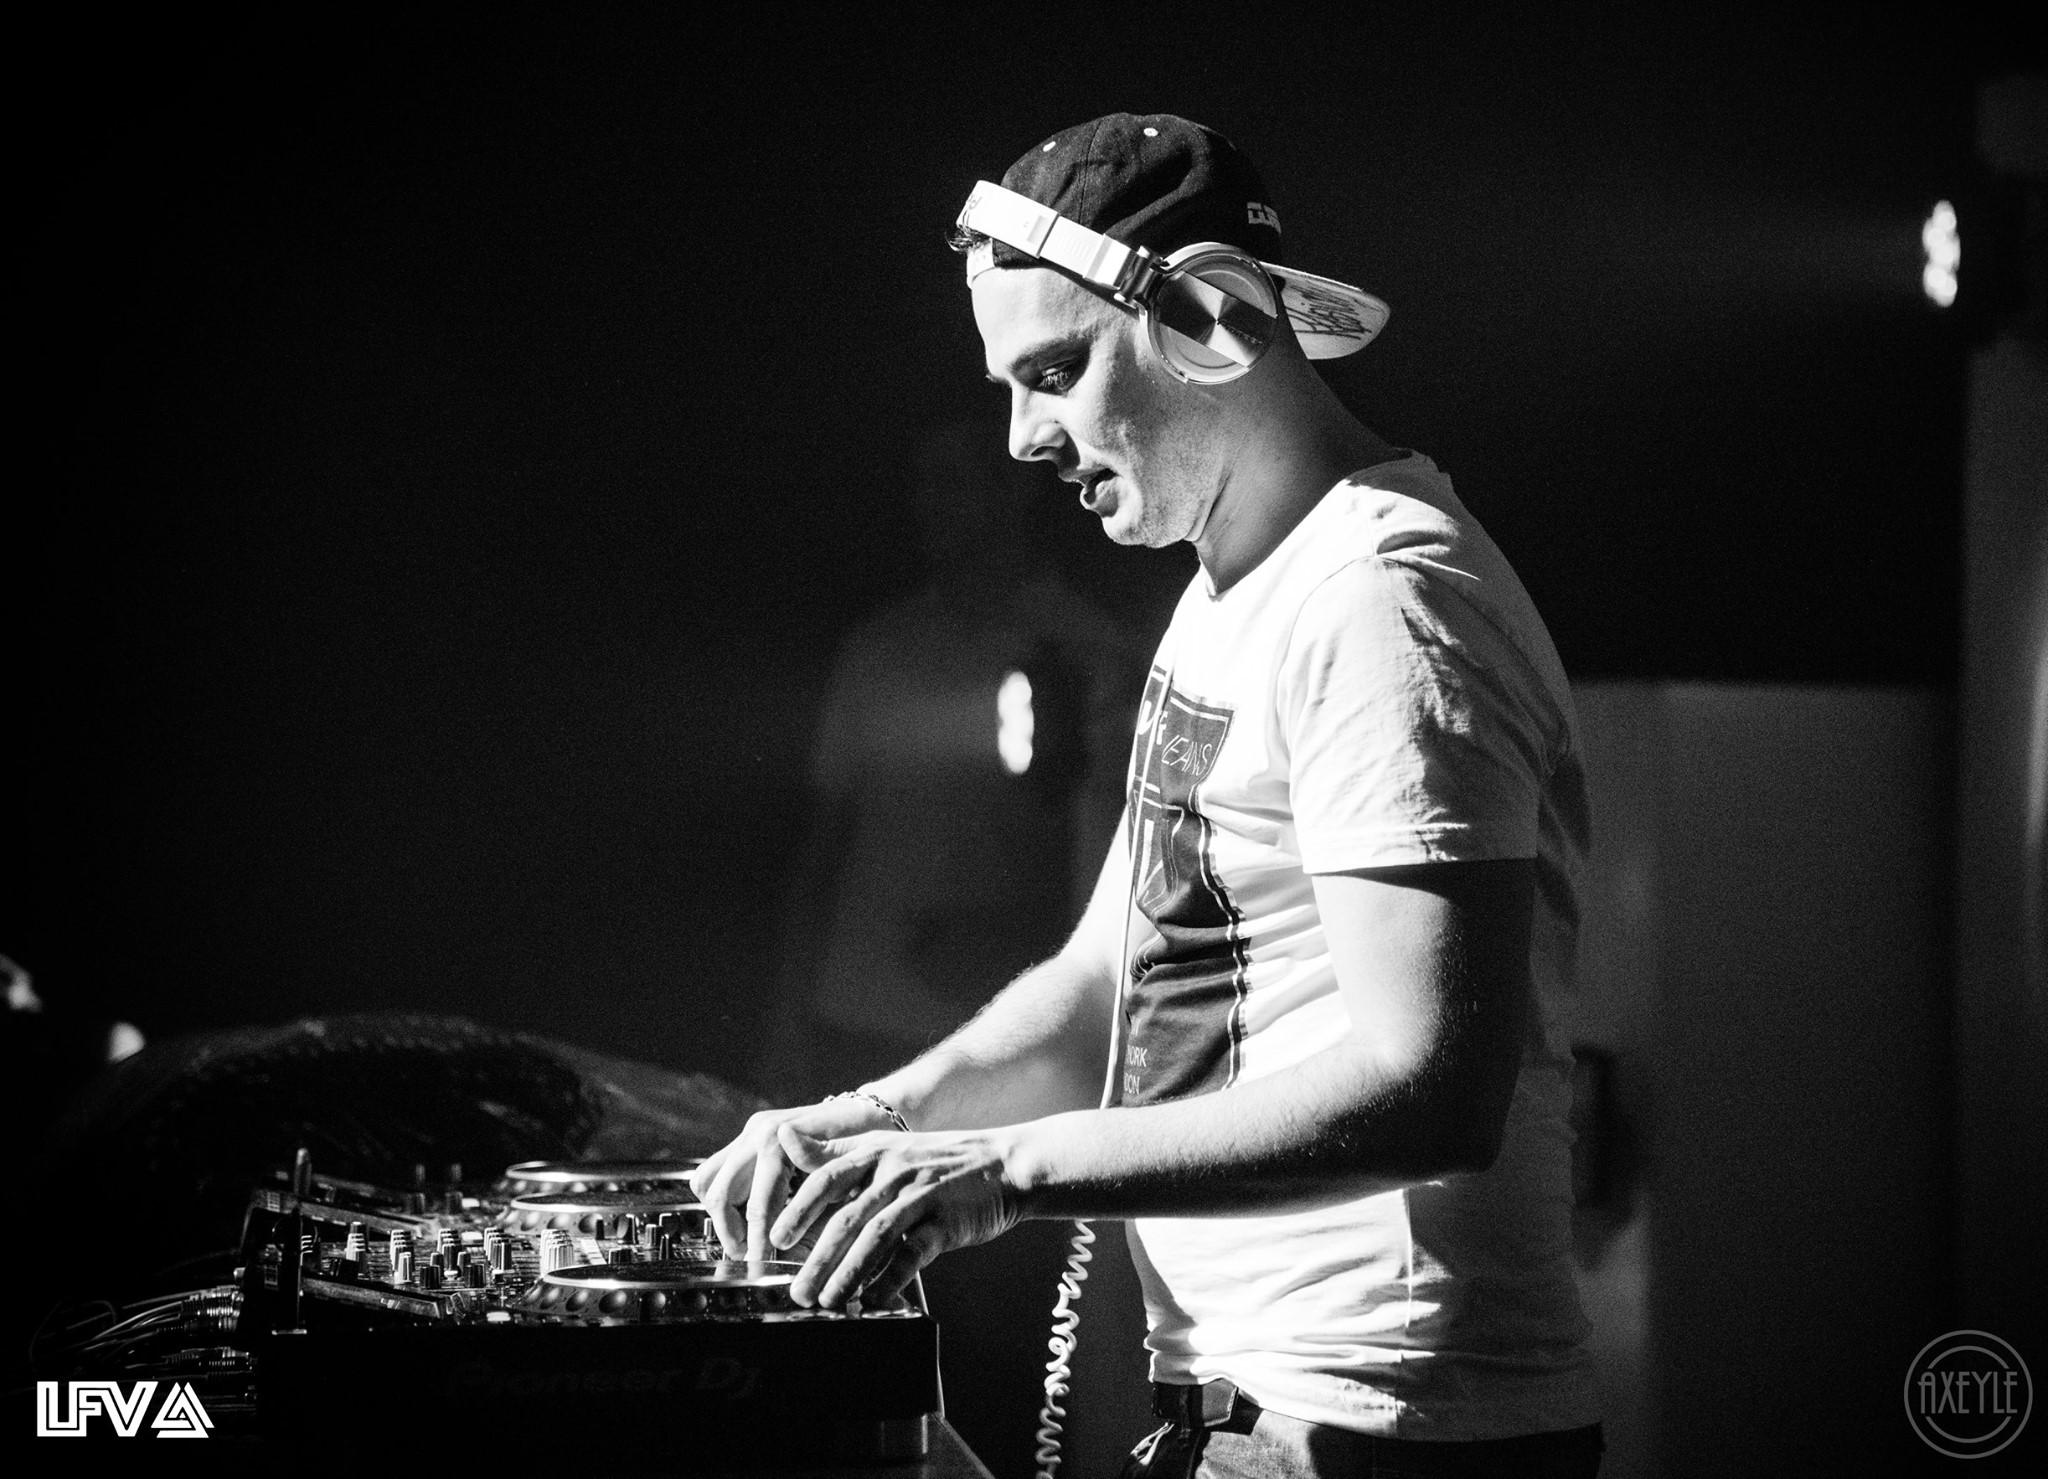 Les DJ lors de la 2ème édition de LFV Festival - Festival Hardstyle français